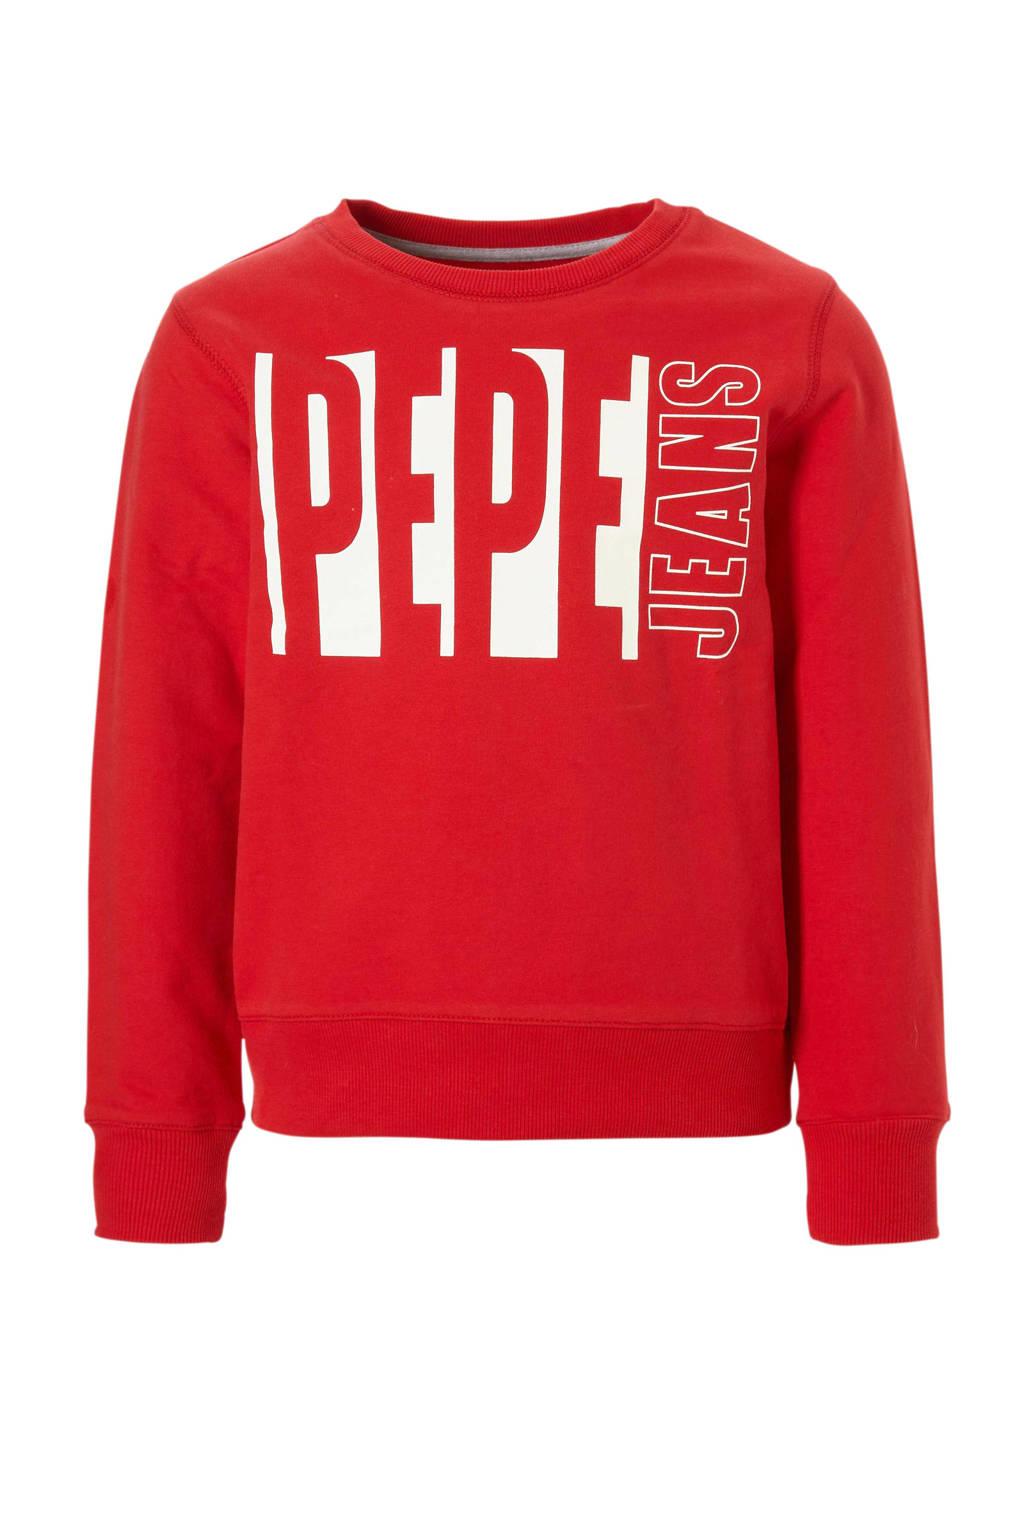 Pepe Jeans sweater met logo Mick rood, Rood